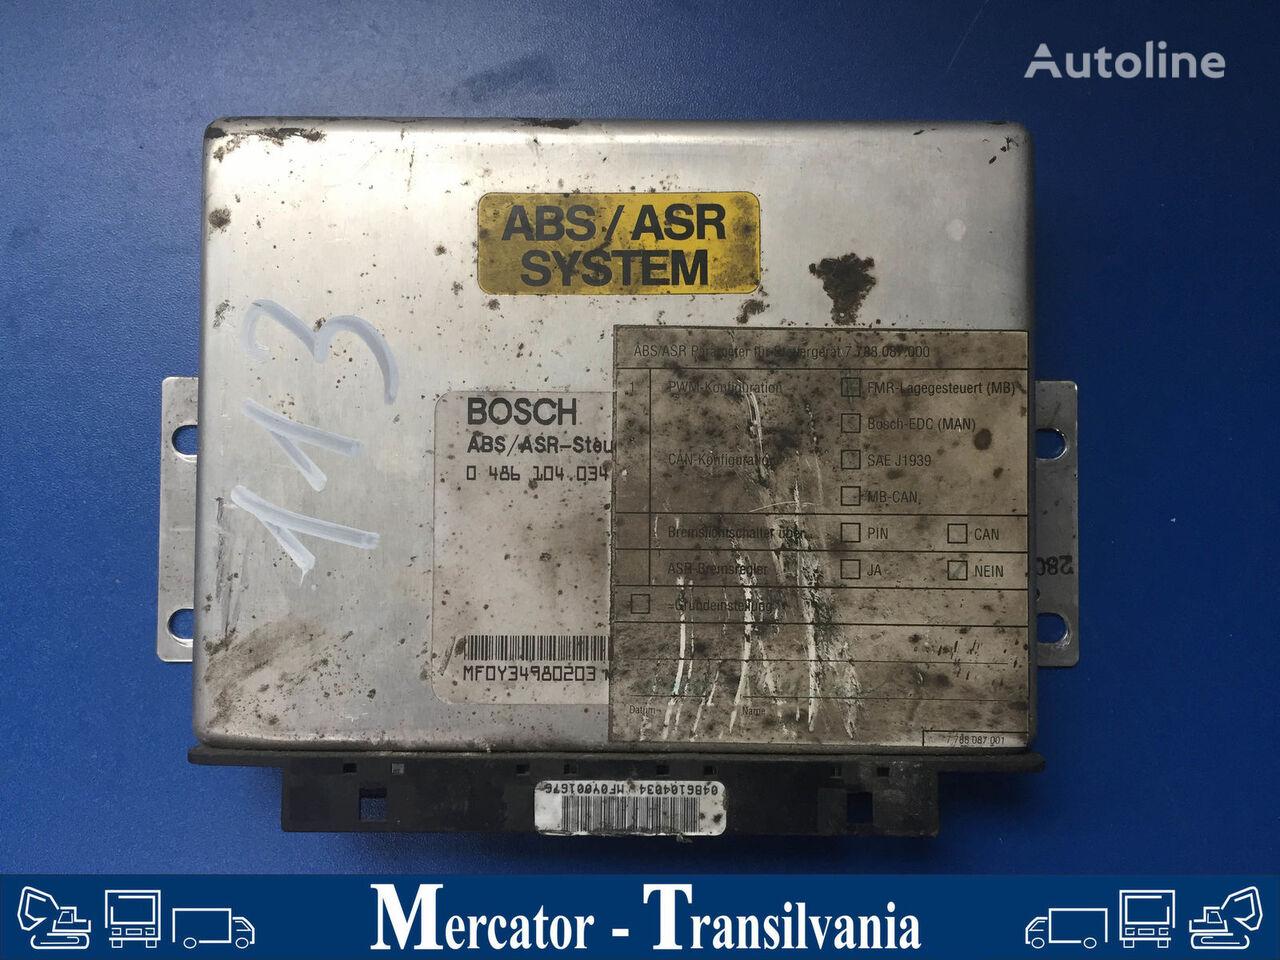 BOSCH Bordcomputer für ABS/ASR SYSTEM board computer for MERCEDES-BENZ O 550 / Integro bus